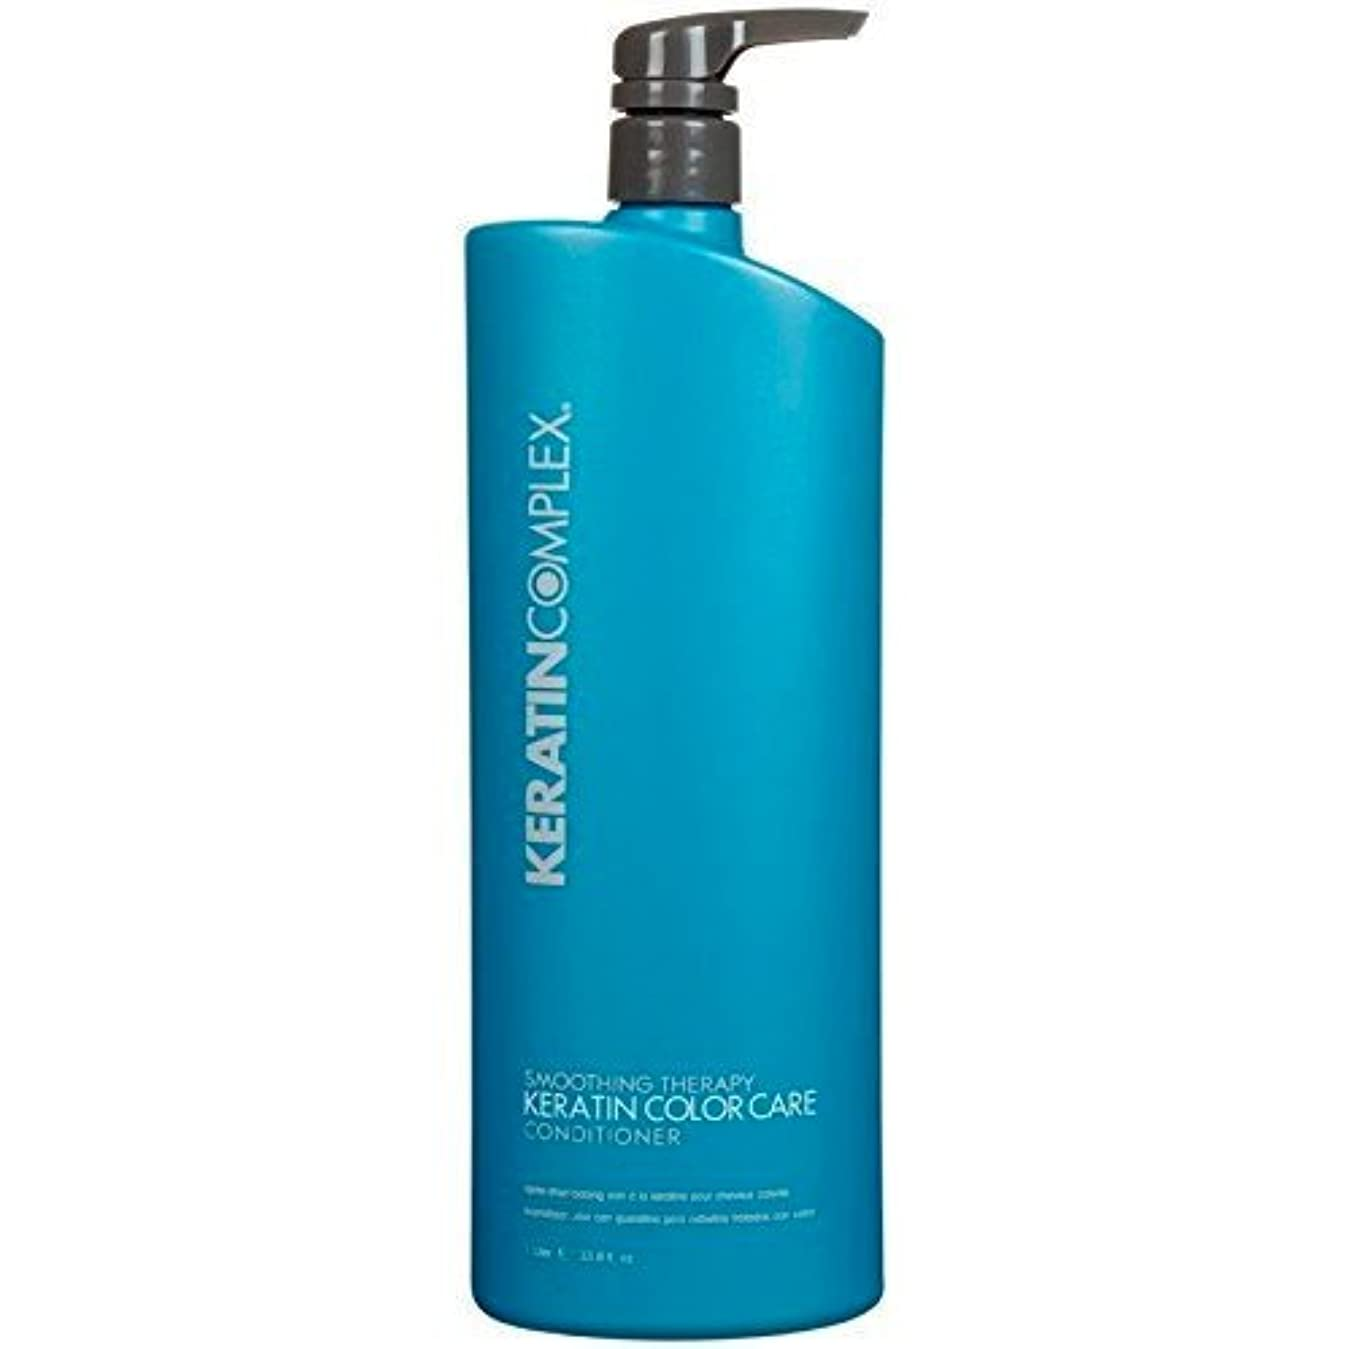 ライセンスシソーラス闇ケラチンコンプレックス Smoothing Therapy Keratin Color Care Conditioner (For All Hair Types) 1000ml